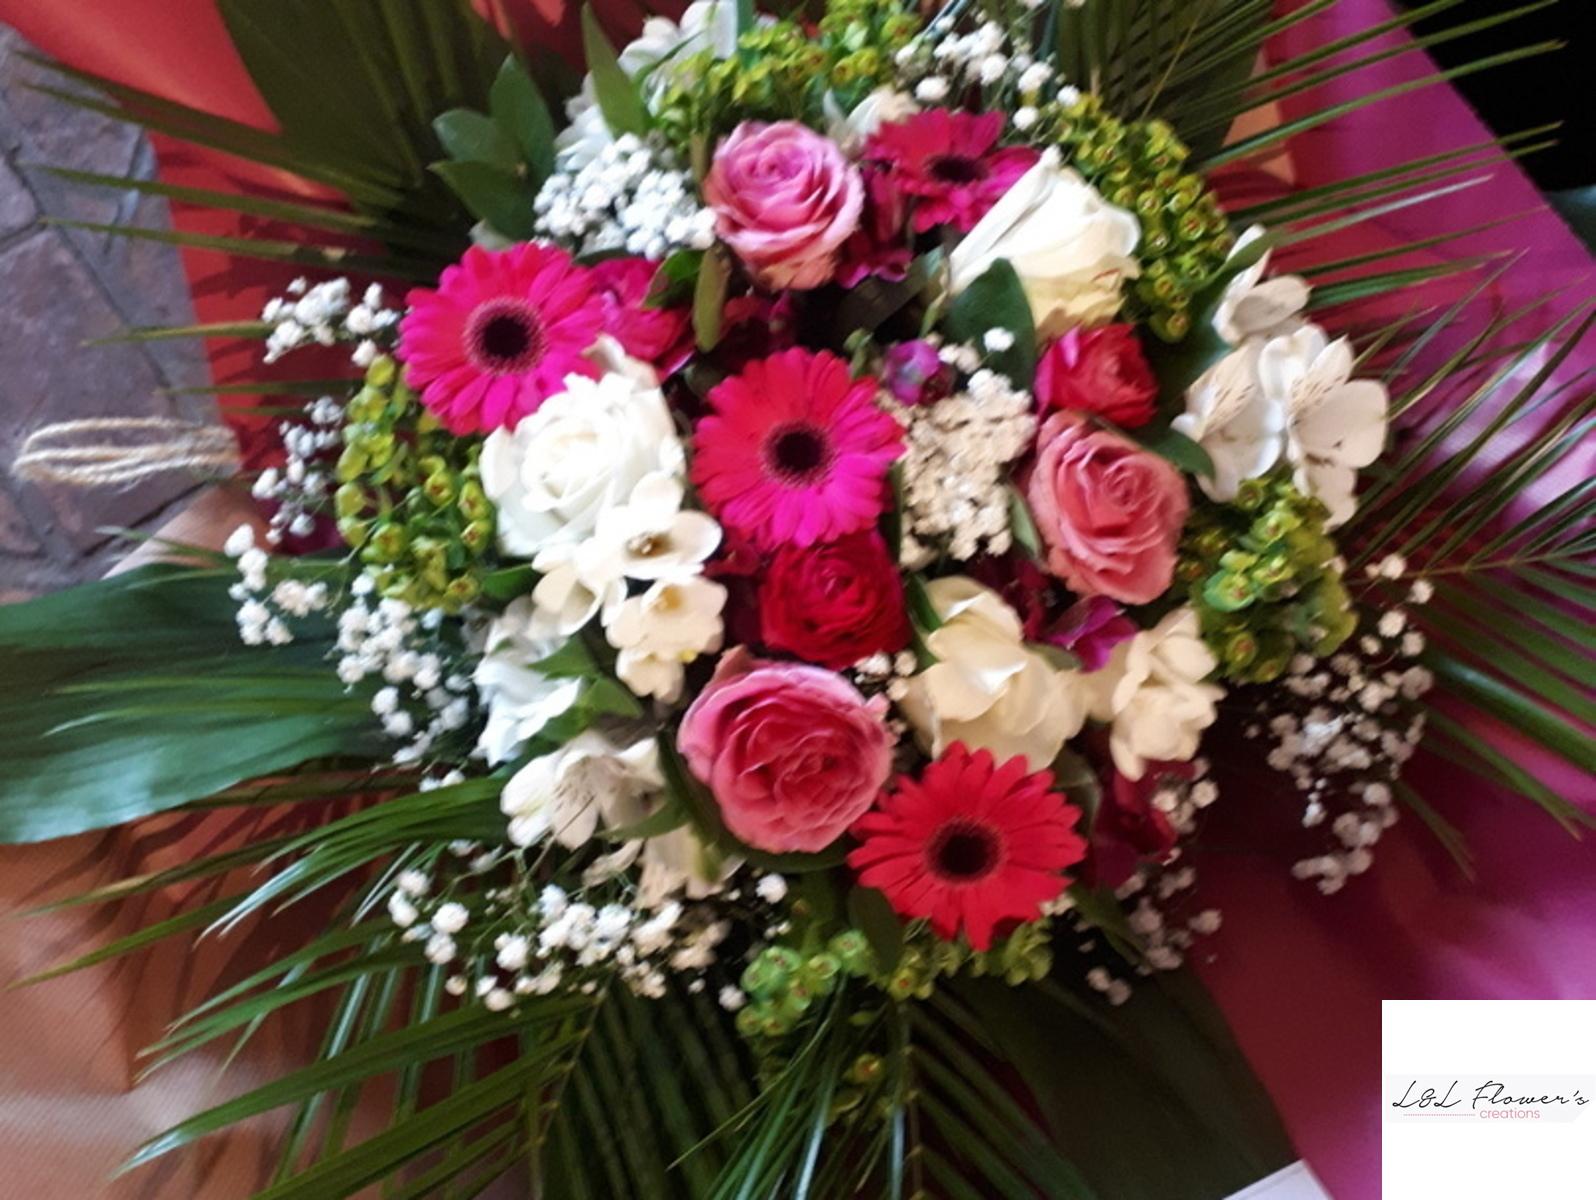 Bouquet de fleurs La Bruyère. Roses, fleurs de saison.